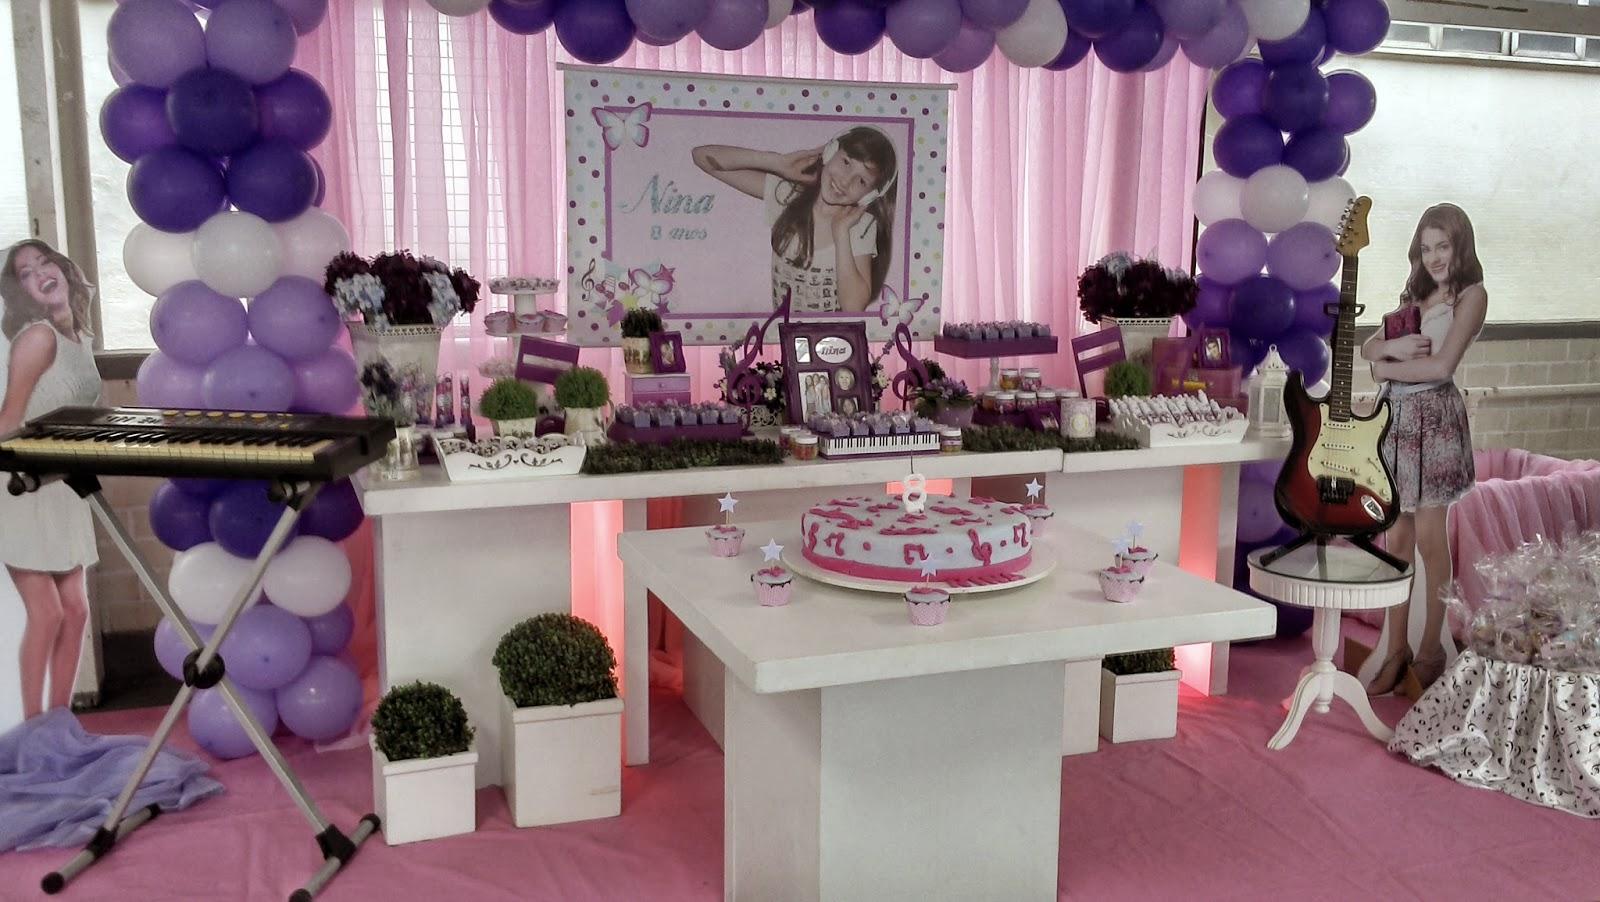 decoracao festa violeta:Decoração feita no Clube Militar do Jardim Botânico